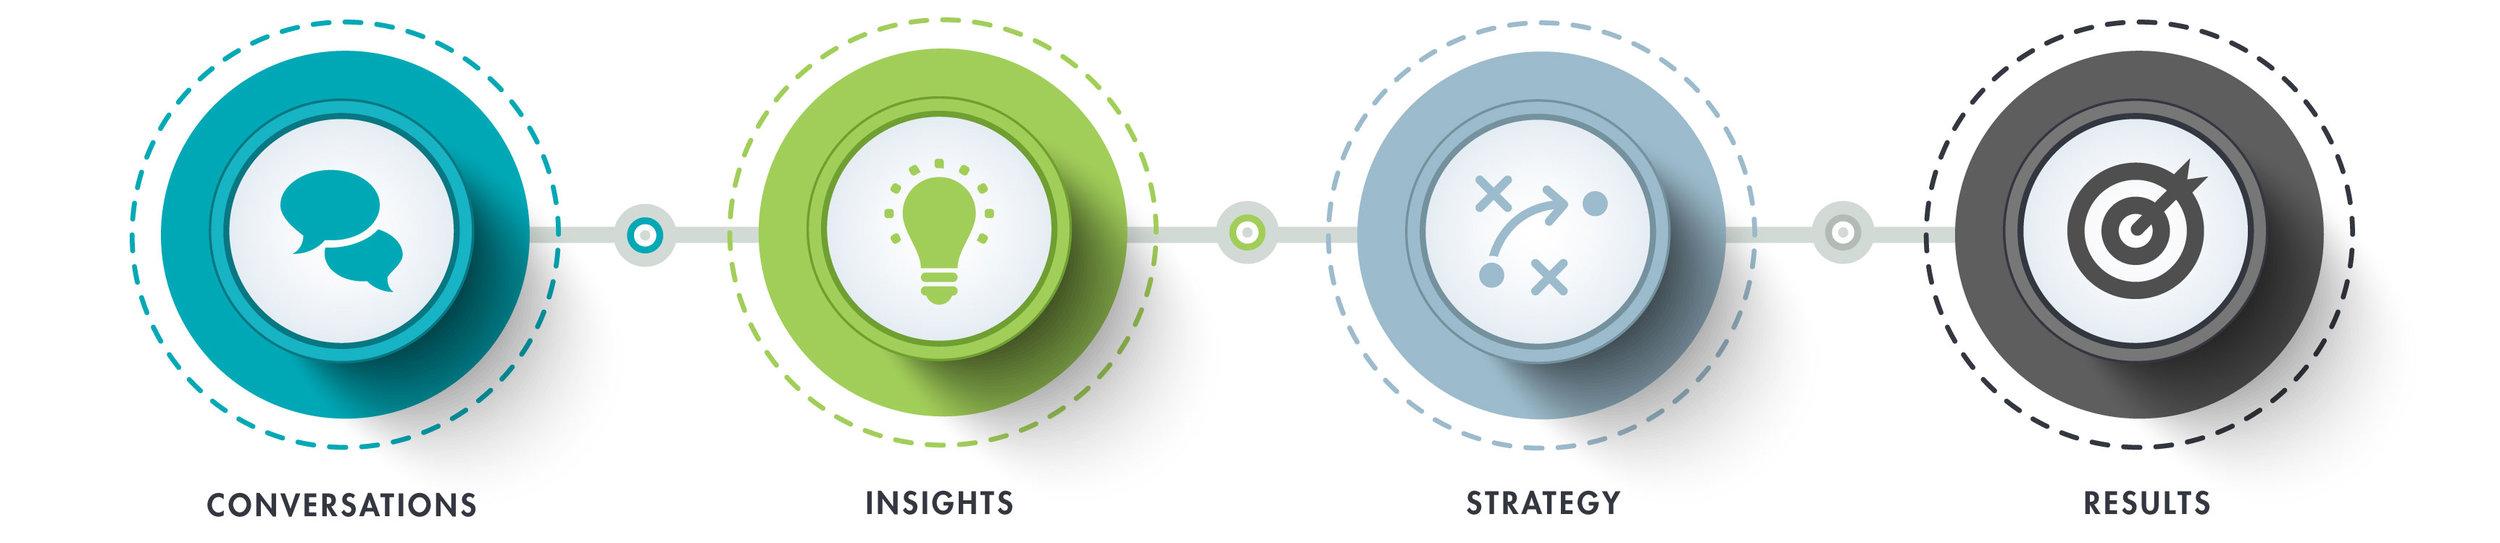 Bernstein-Associates-Approach-Infographic